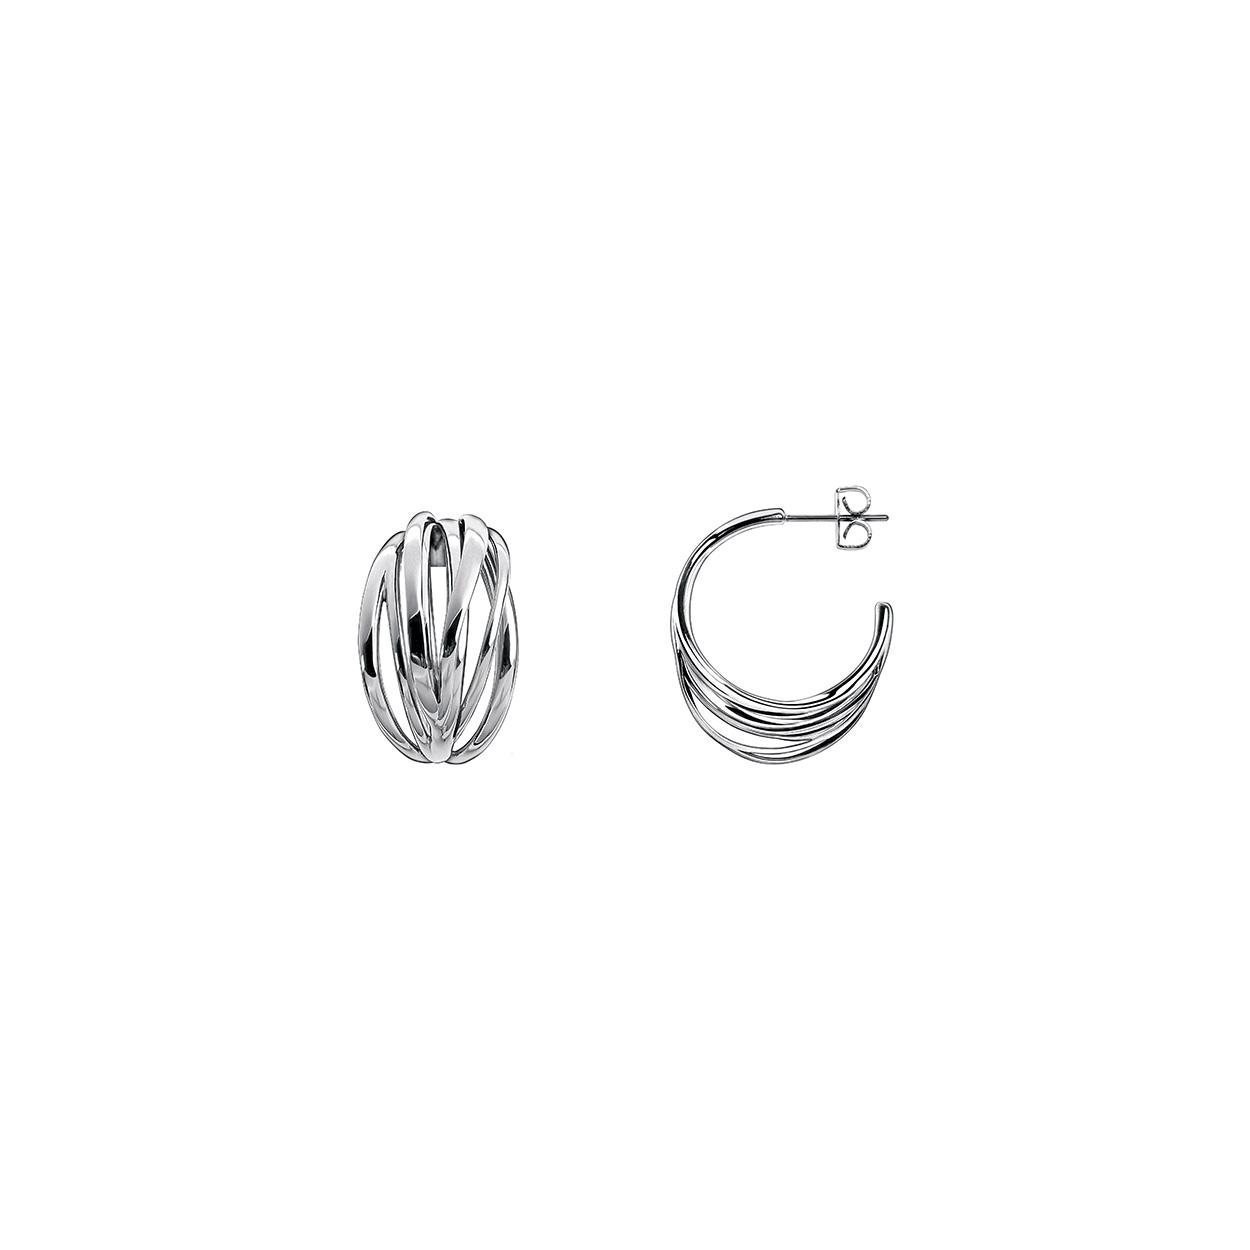 Home Brands Calvin Klein Earrings Stainless Steel Crisp Hoop